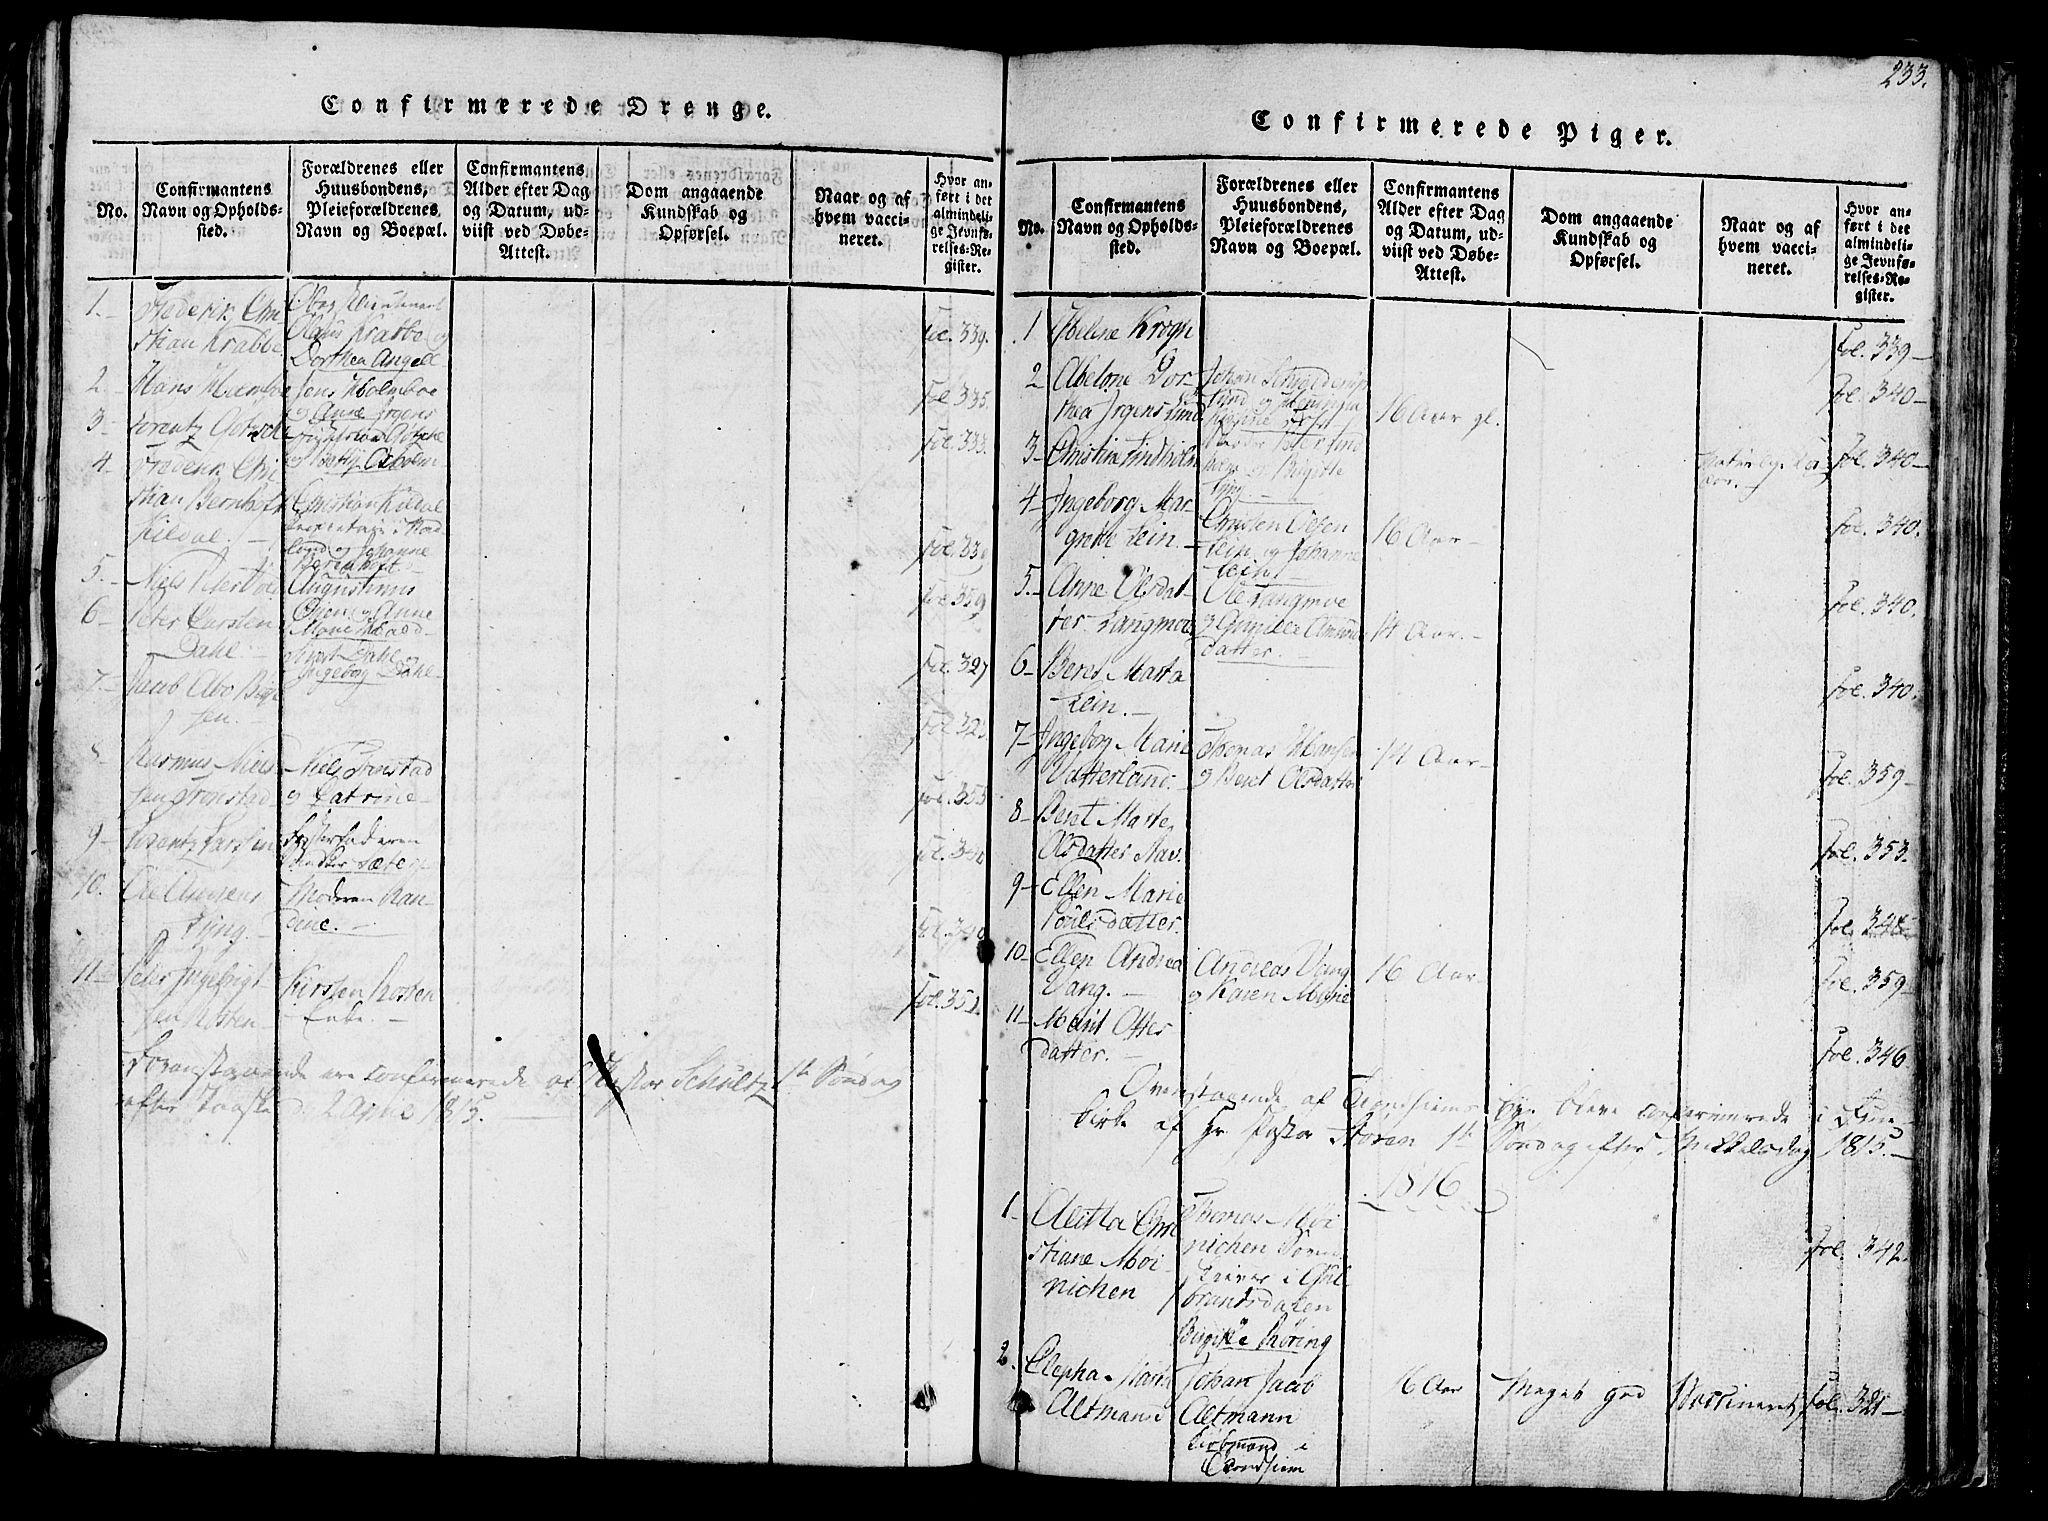 SAT, Ministerialprotokoller, klokkerbøker og fødselsregistre - Sør-Trøndelag, 602/L0135: Klokkerbok nr. 602C03, 1815-1832, s. 233